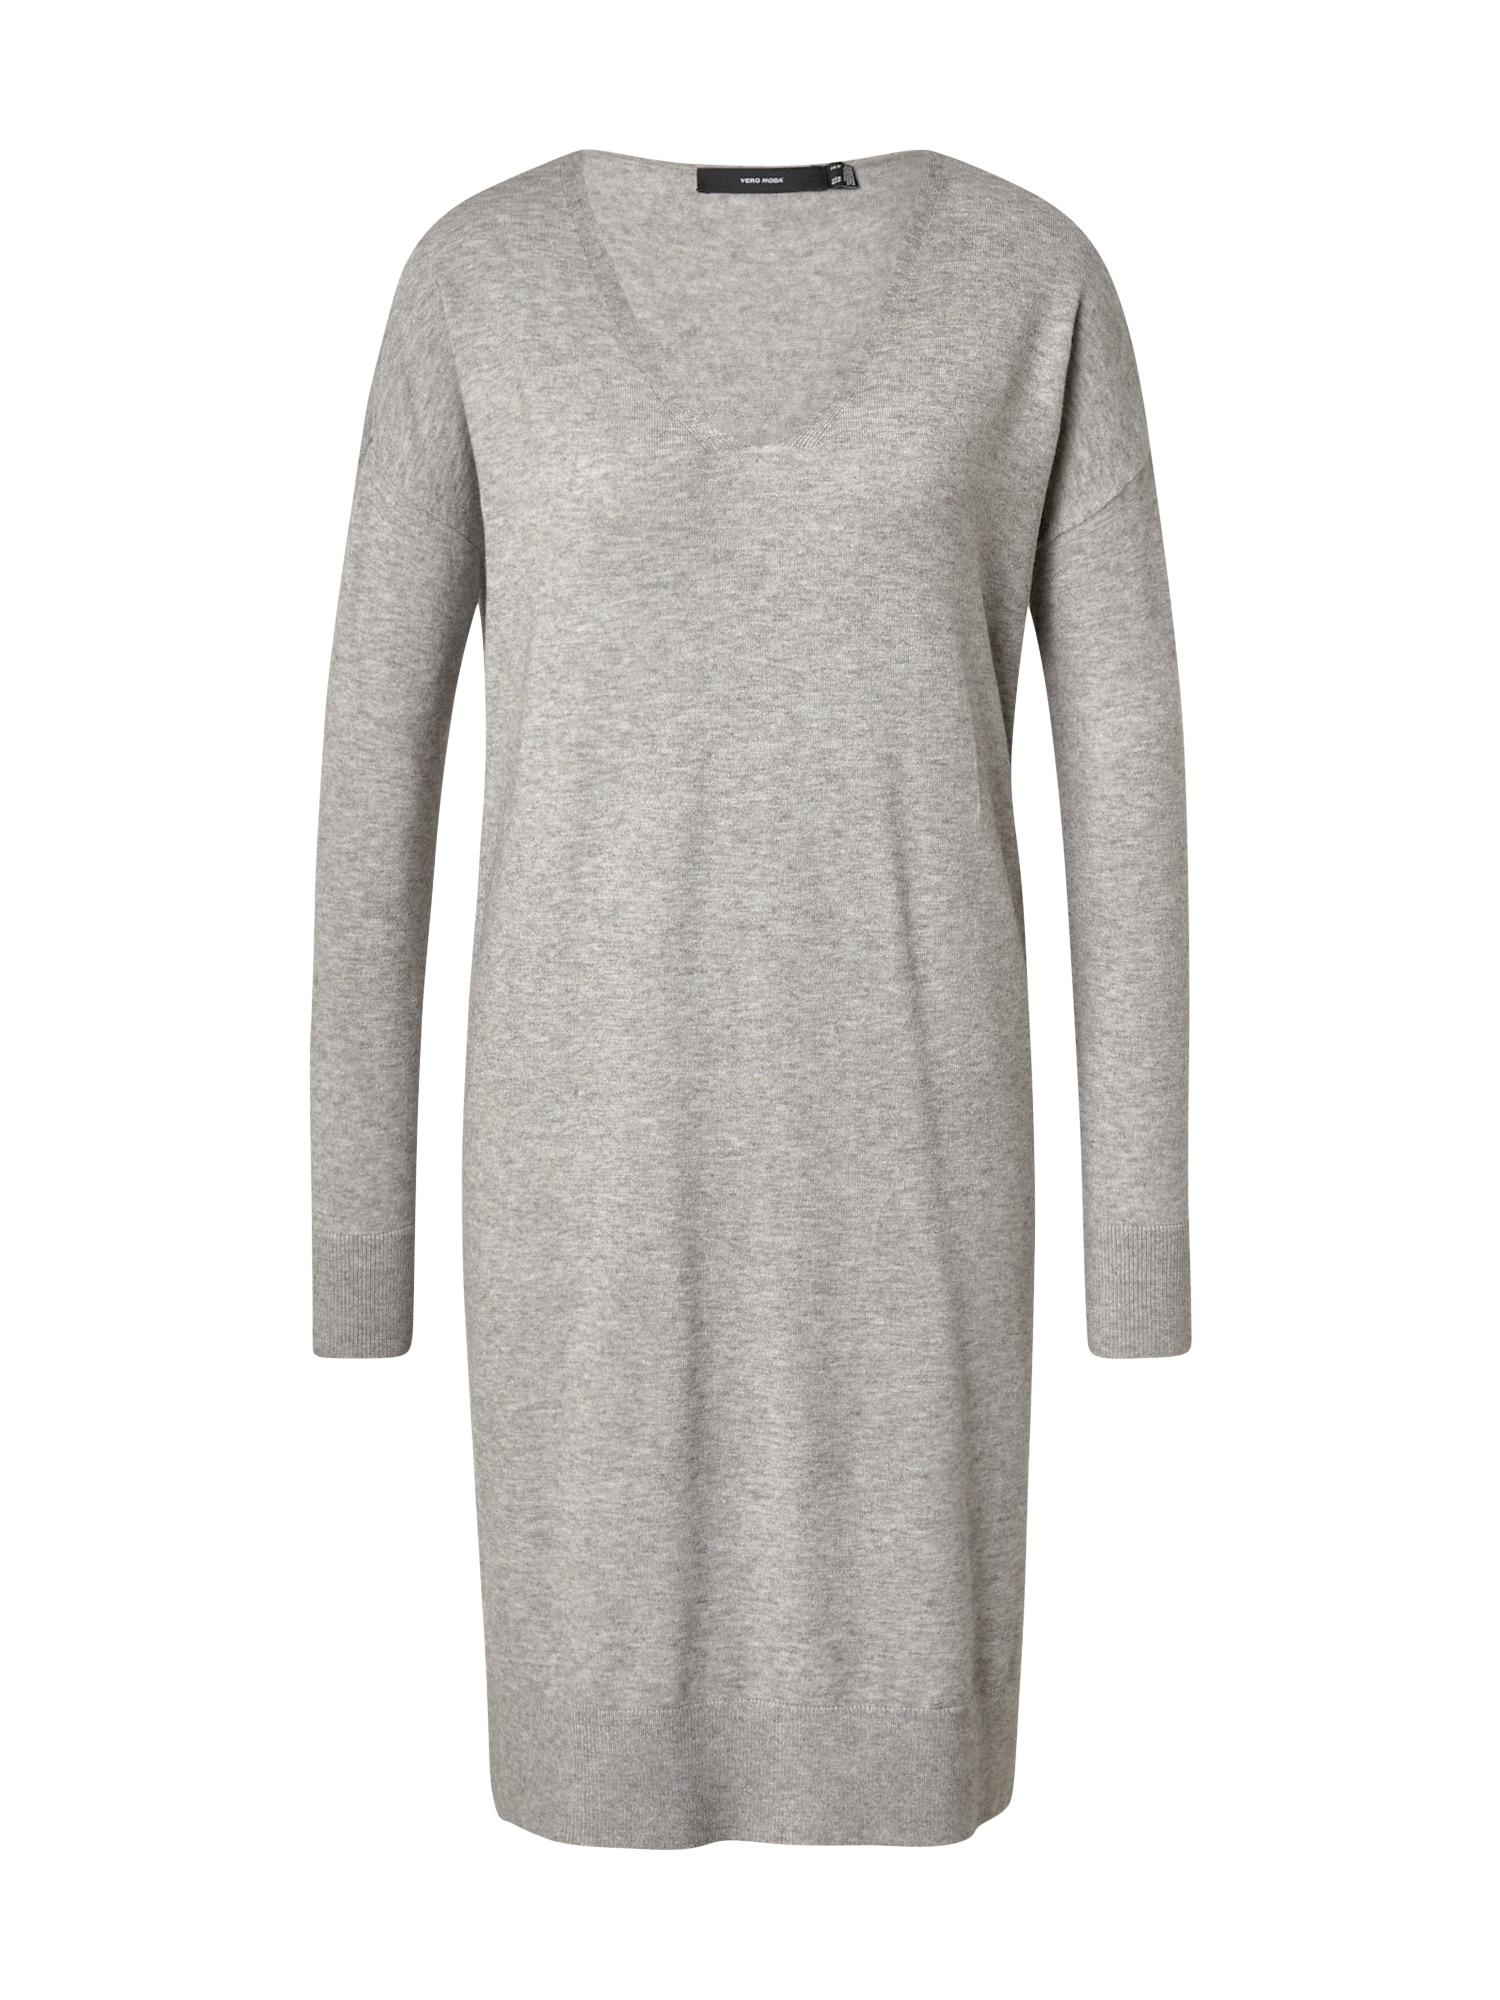 VERO MODA Úpletové šaty 'Holly'  šedý melír